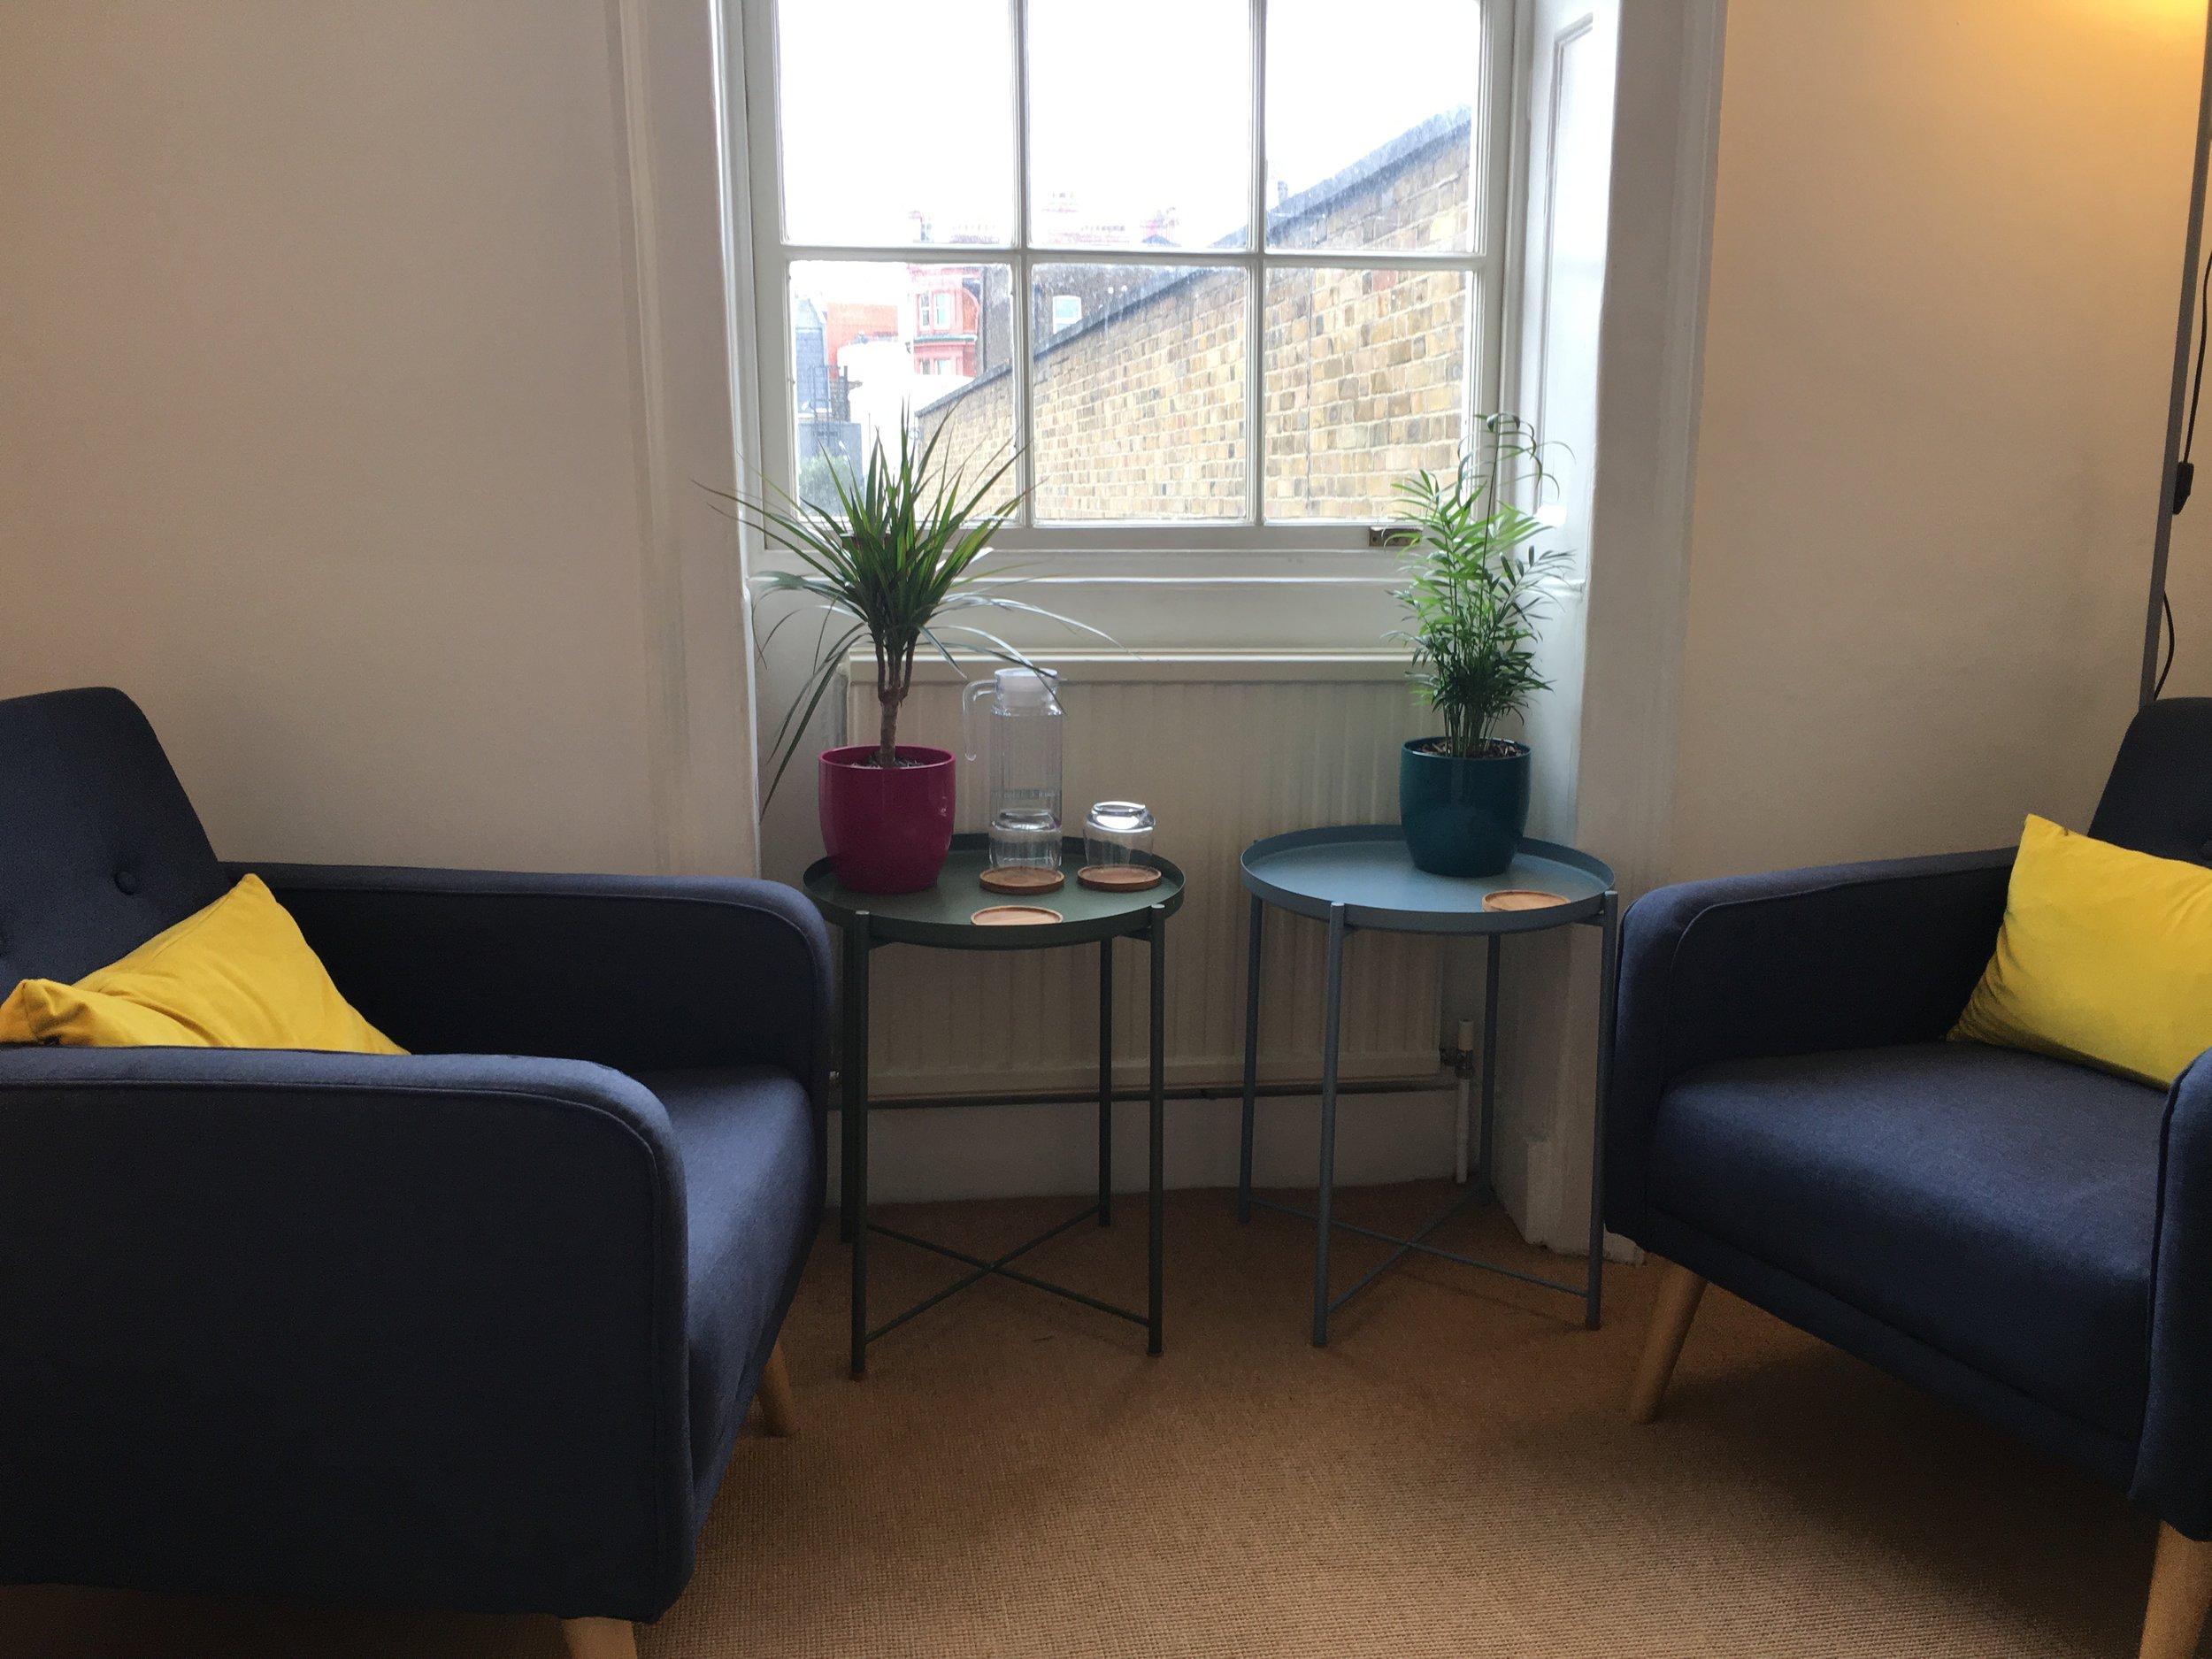 Counselling Room, John Street, London, WC1N 2ES